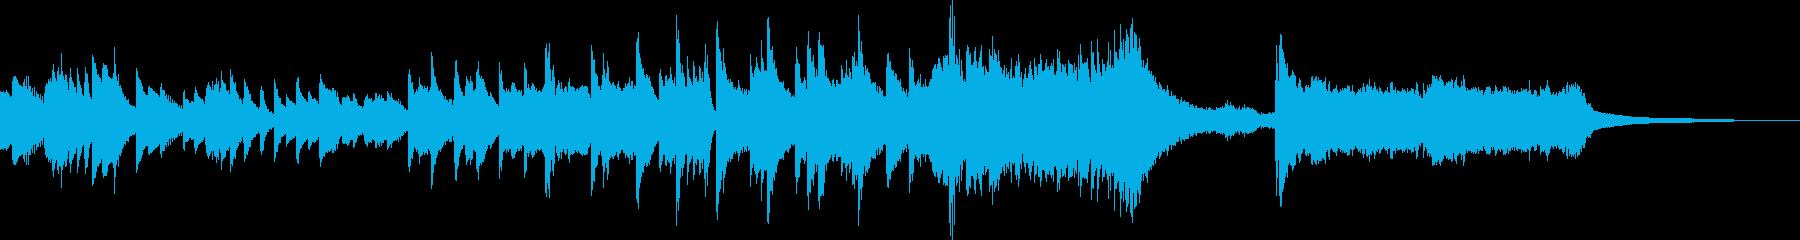 生ピアノとエレクトロの印象的なバラードの再生済みの波形